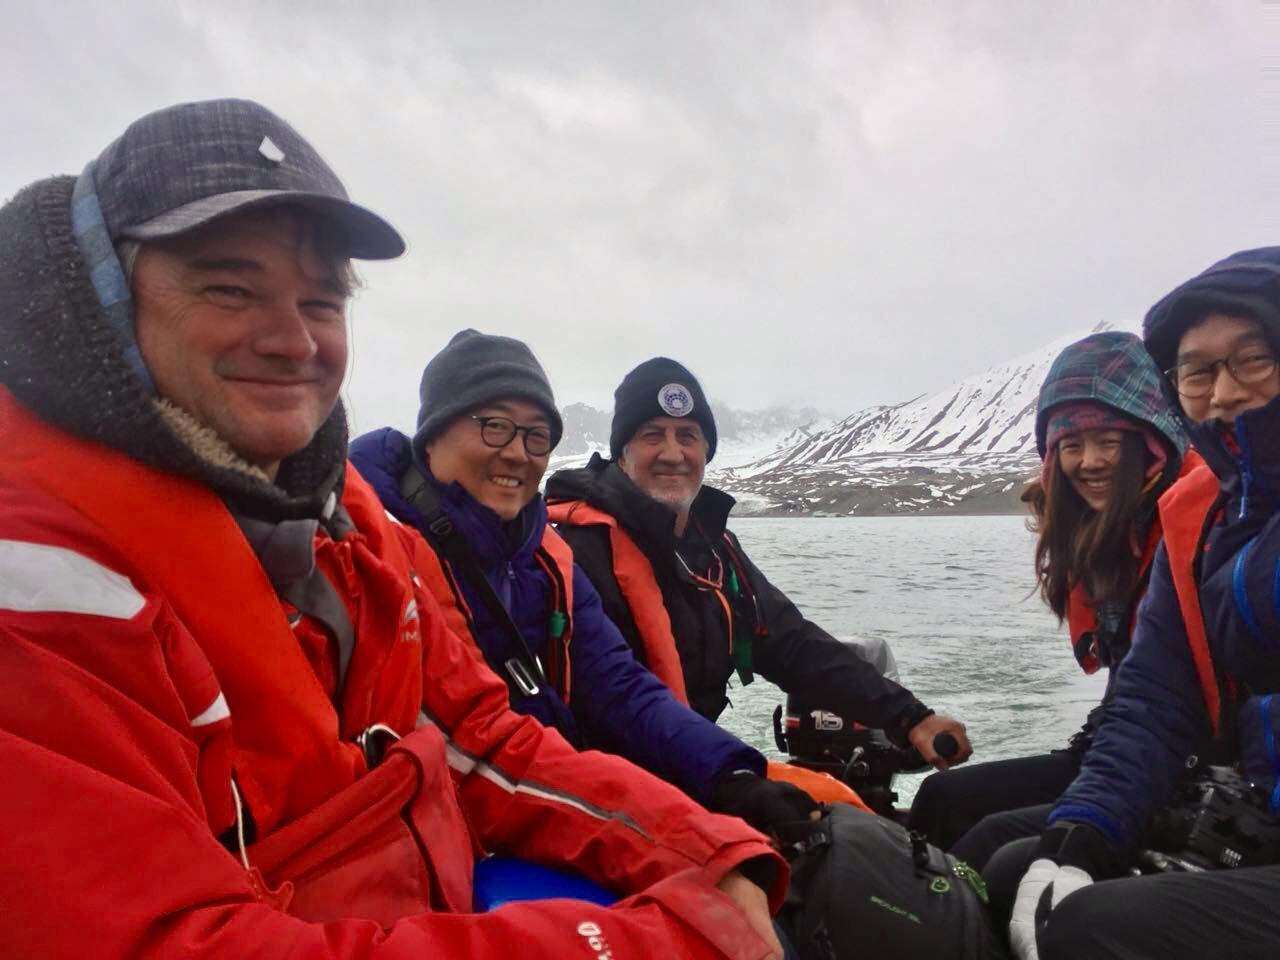 Svalbard Pioneer 2018